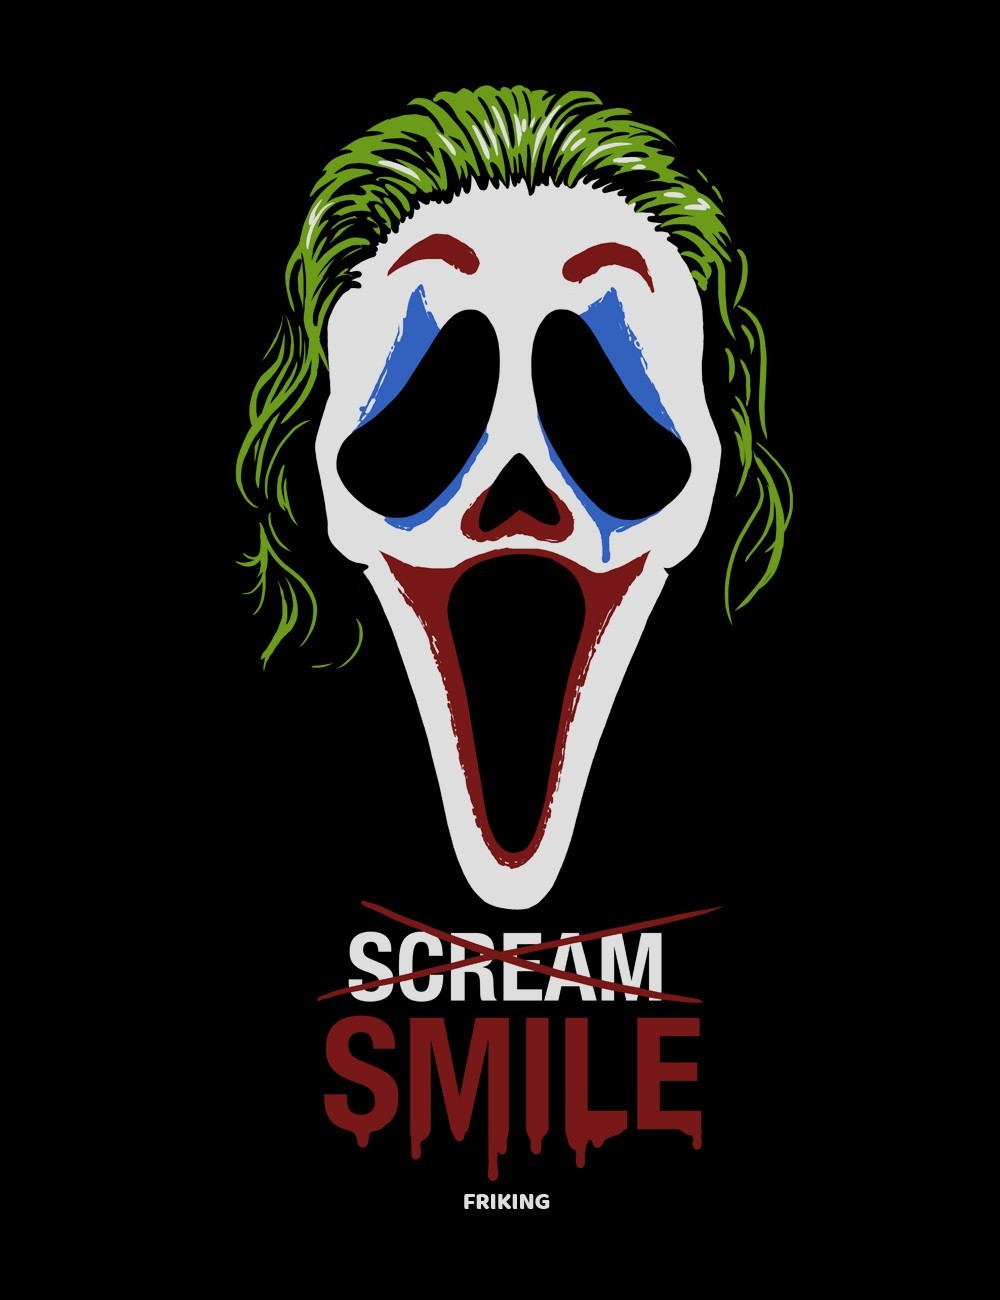 Camiseta del Joker inspirada entre Scream  y la nueva película del Joker